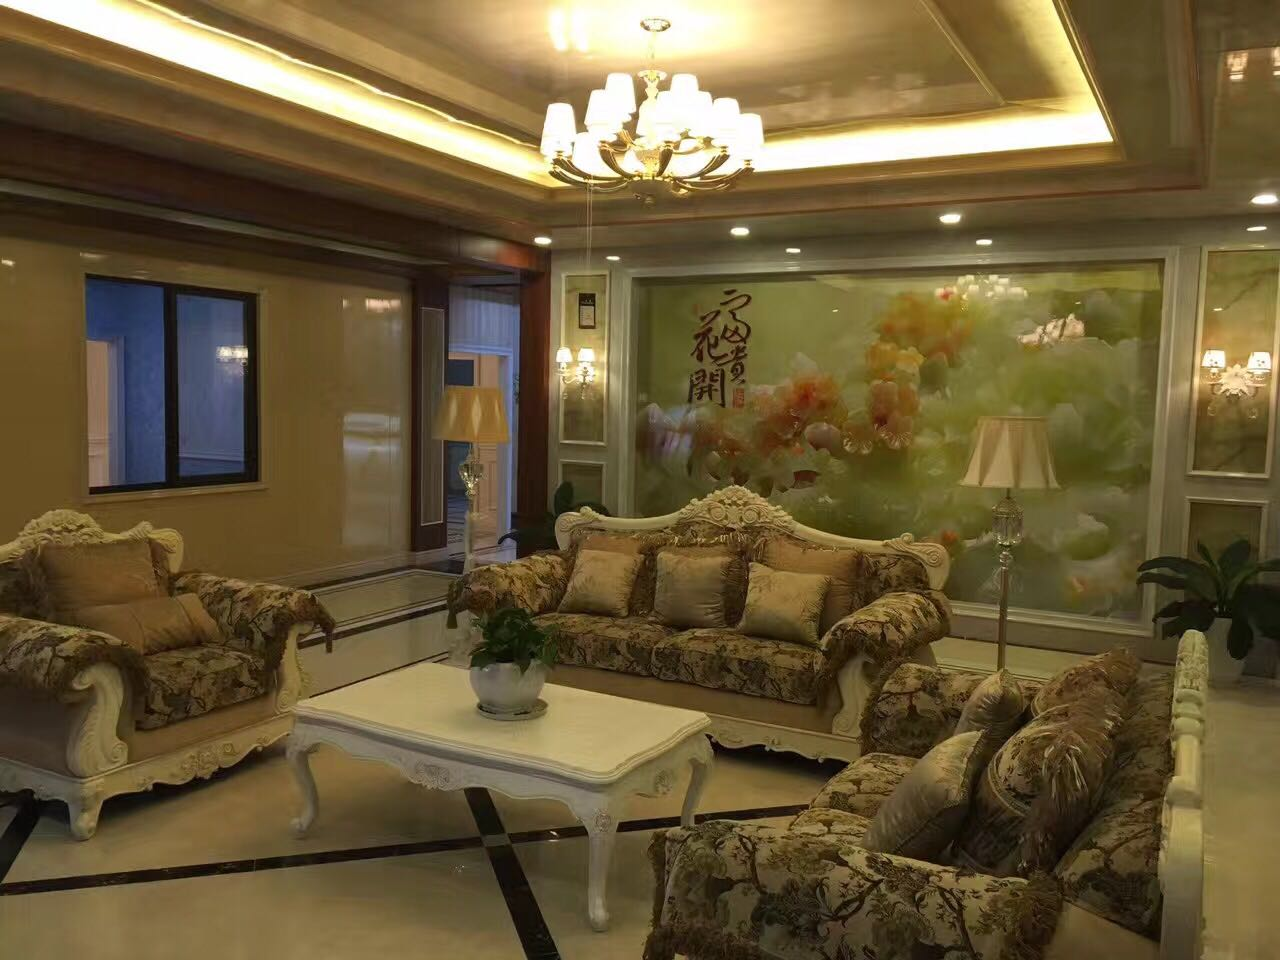 来自谢镜华发布的供应信息:本公司生产的竹木纤维集成墙面是一种新型的... - 广州好居新材料